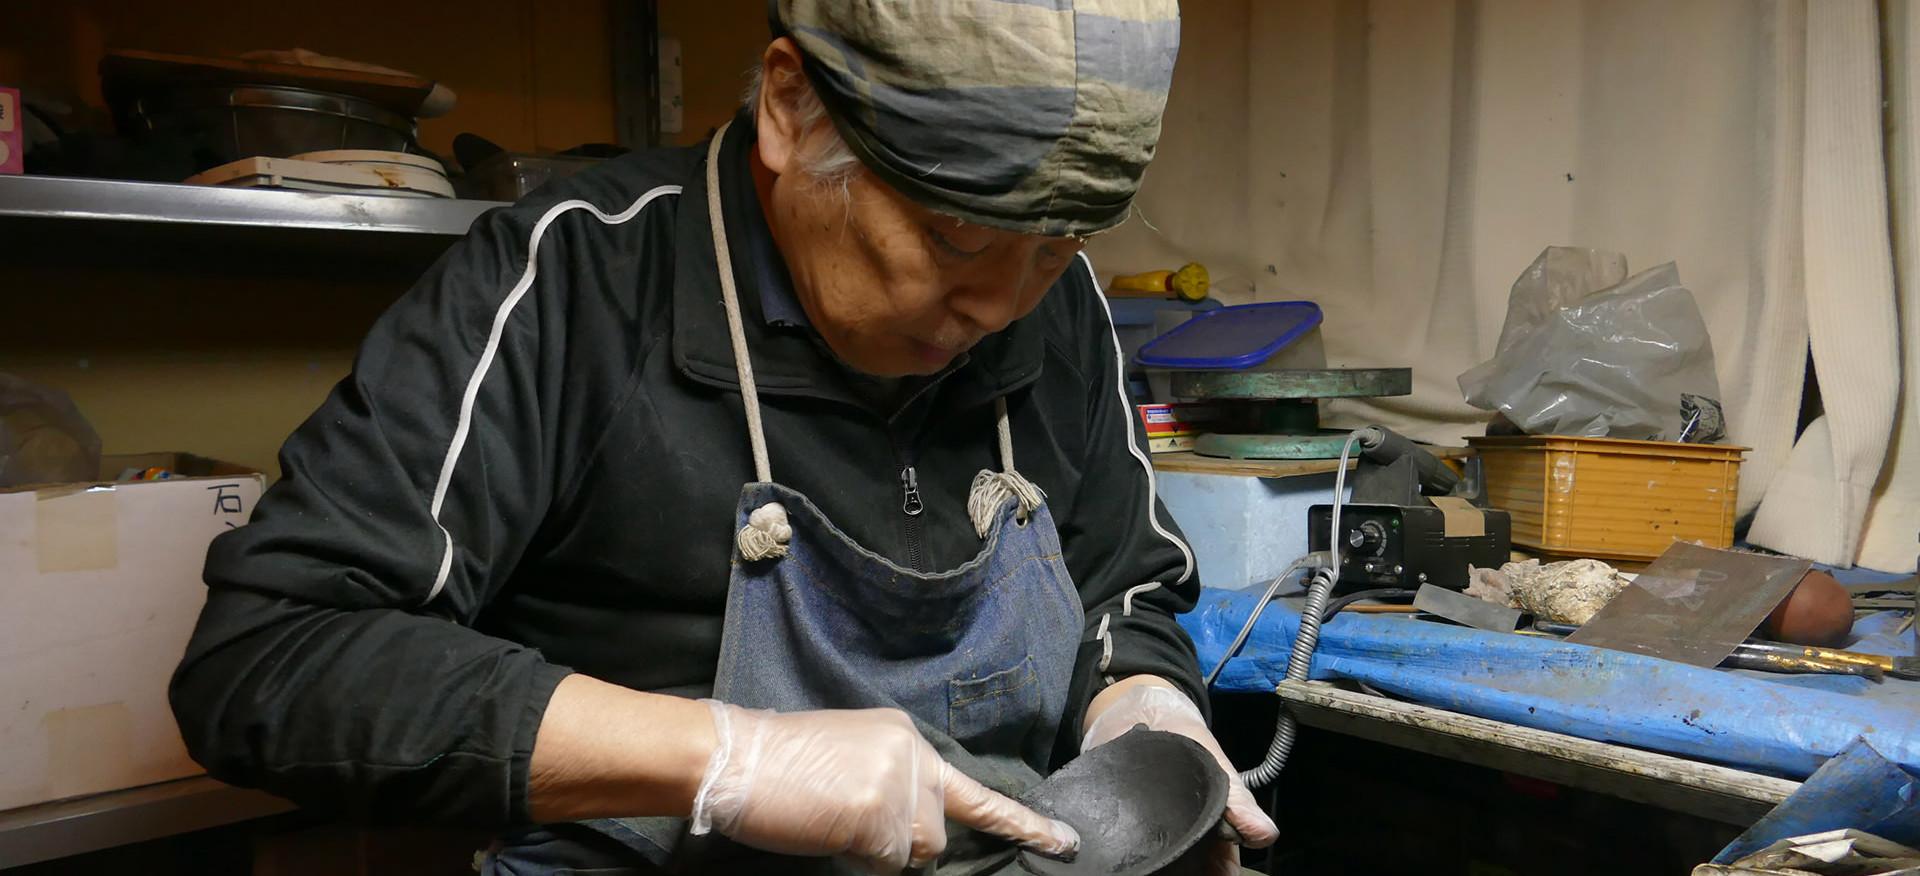 秋山周峰作 脱乾漆 ブローチ猫シリーズ 蒔絵仕上げ 4点セットの紹介